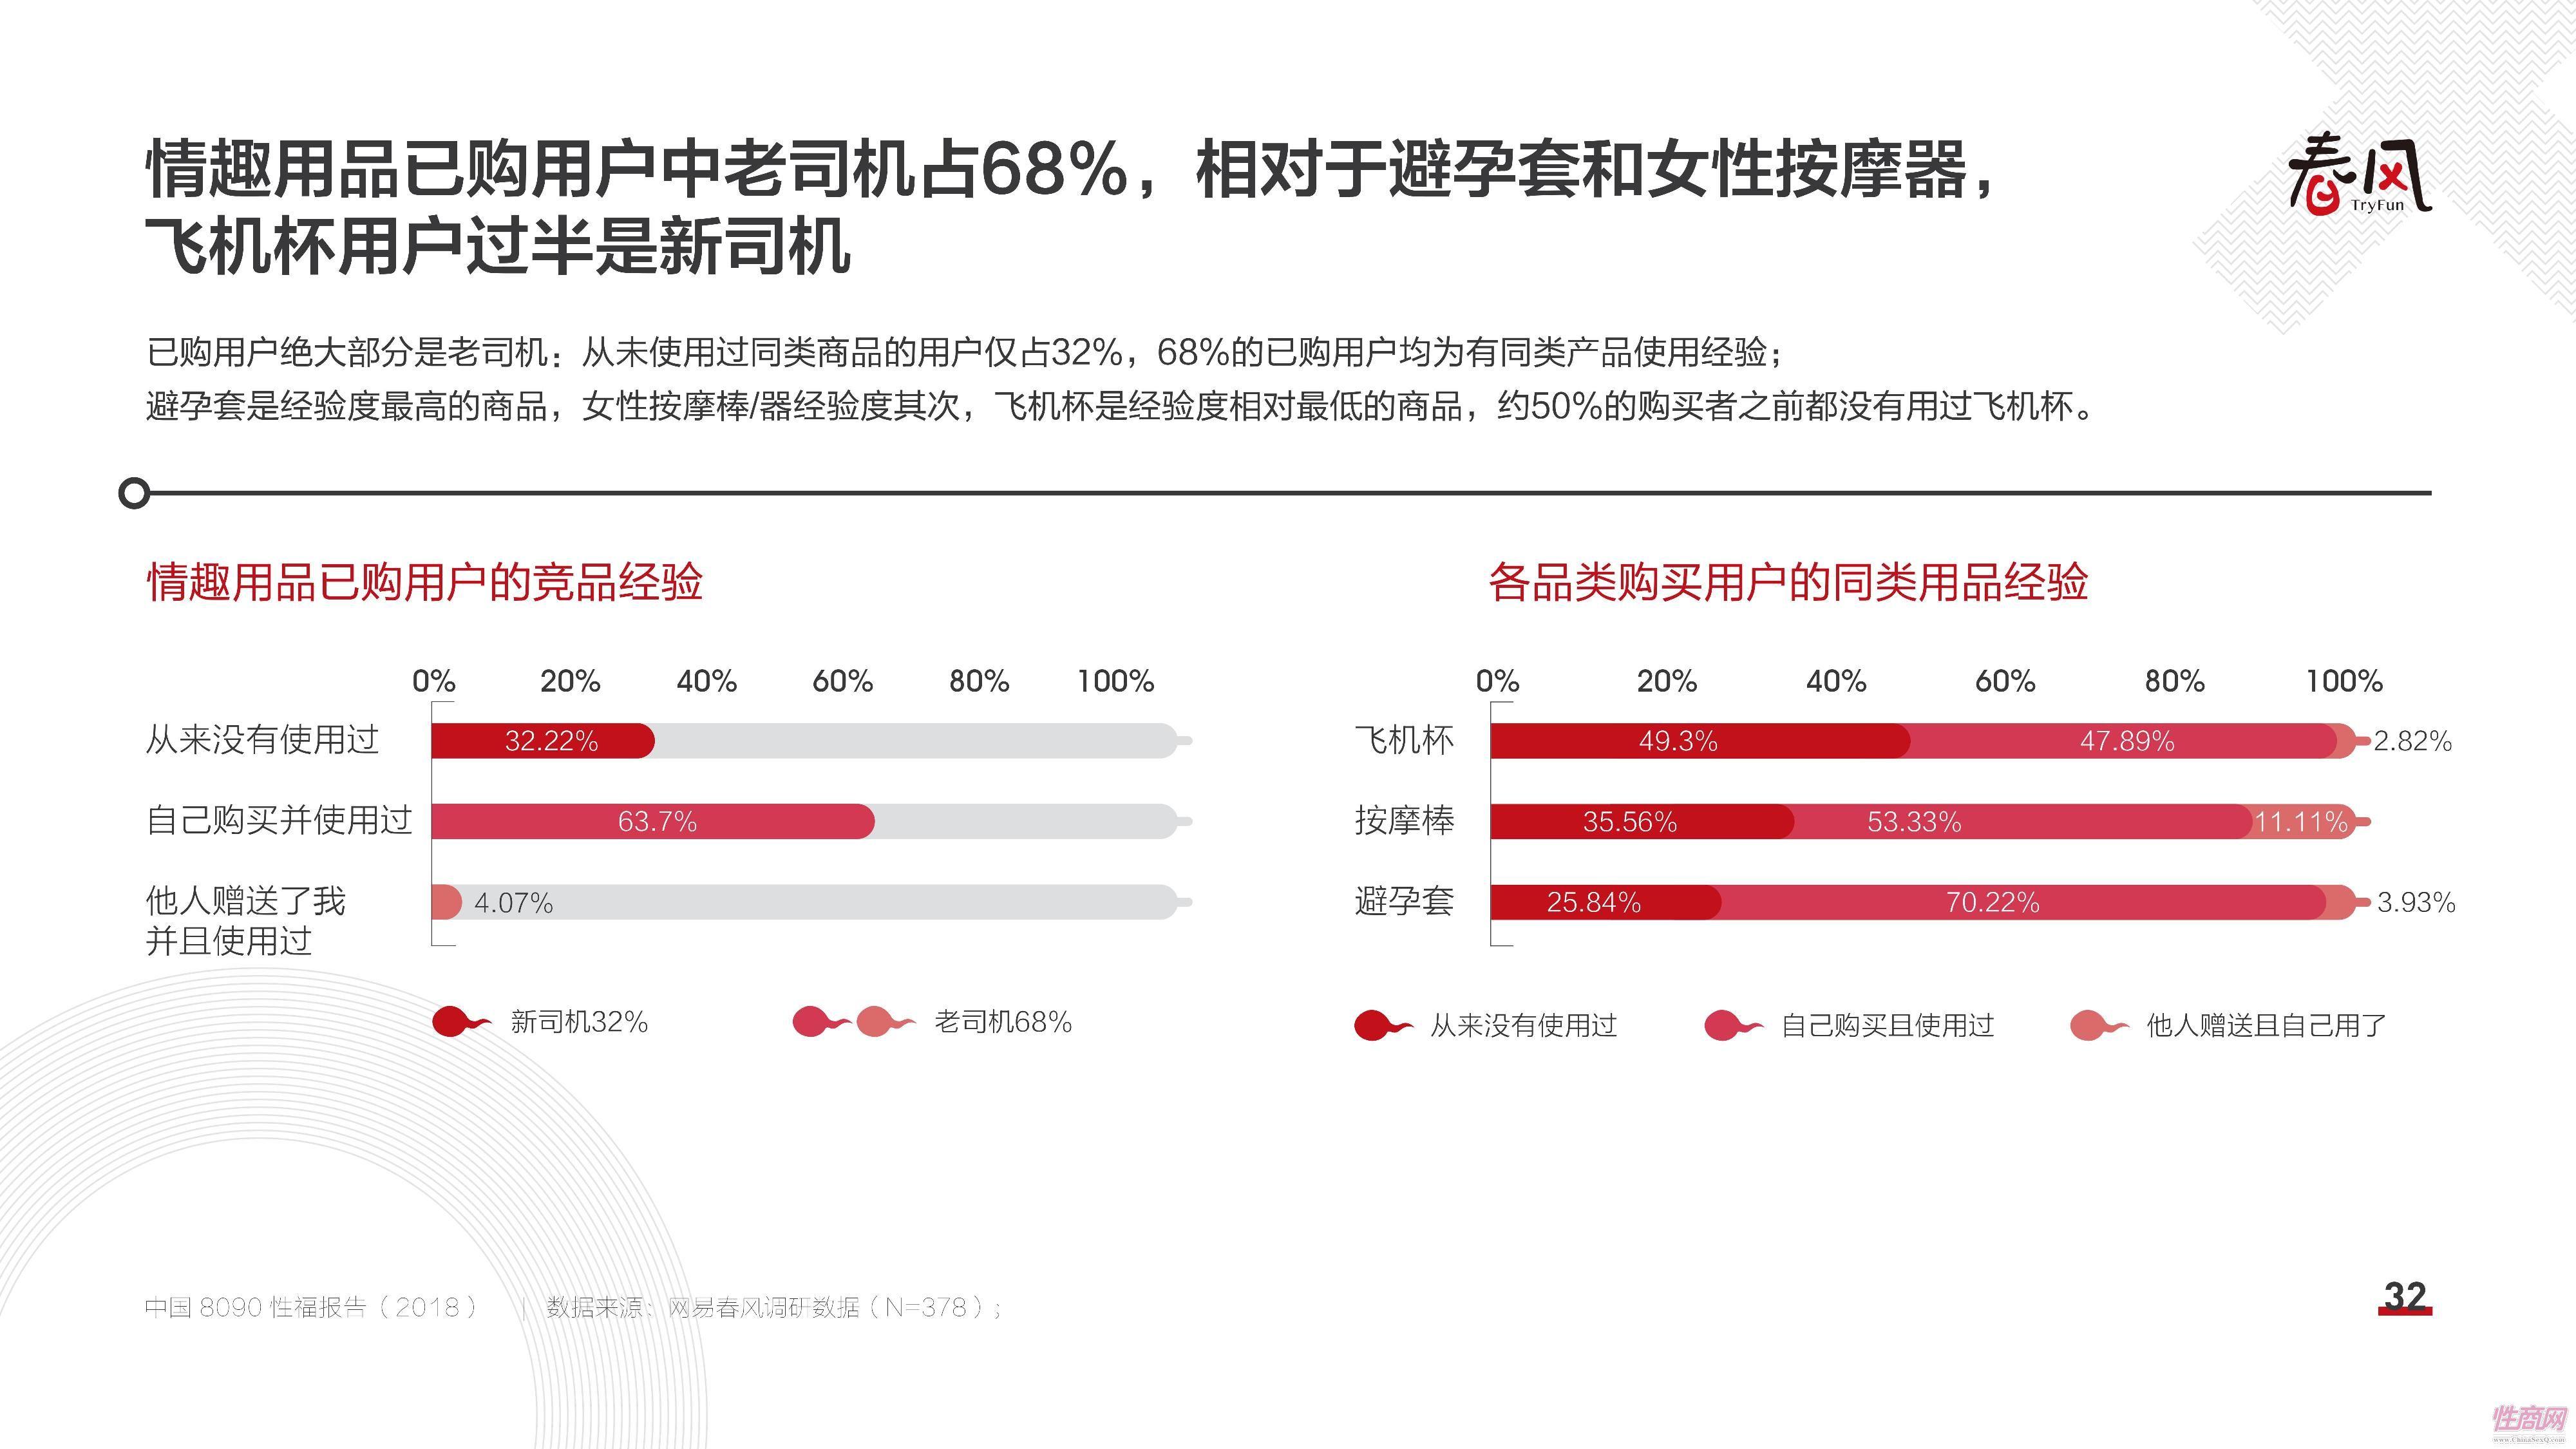 18中国8090性福报告 (31)